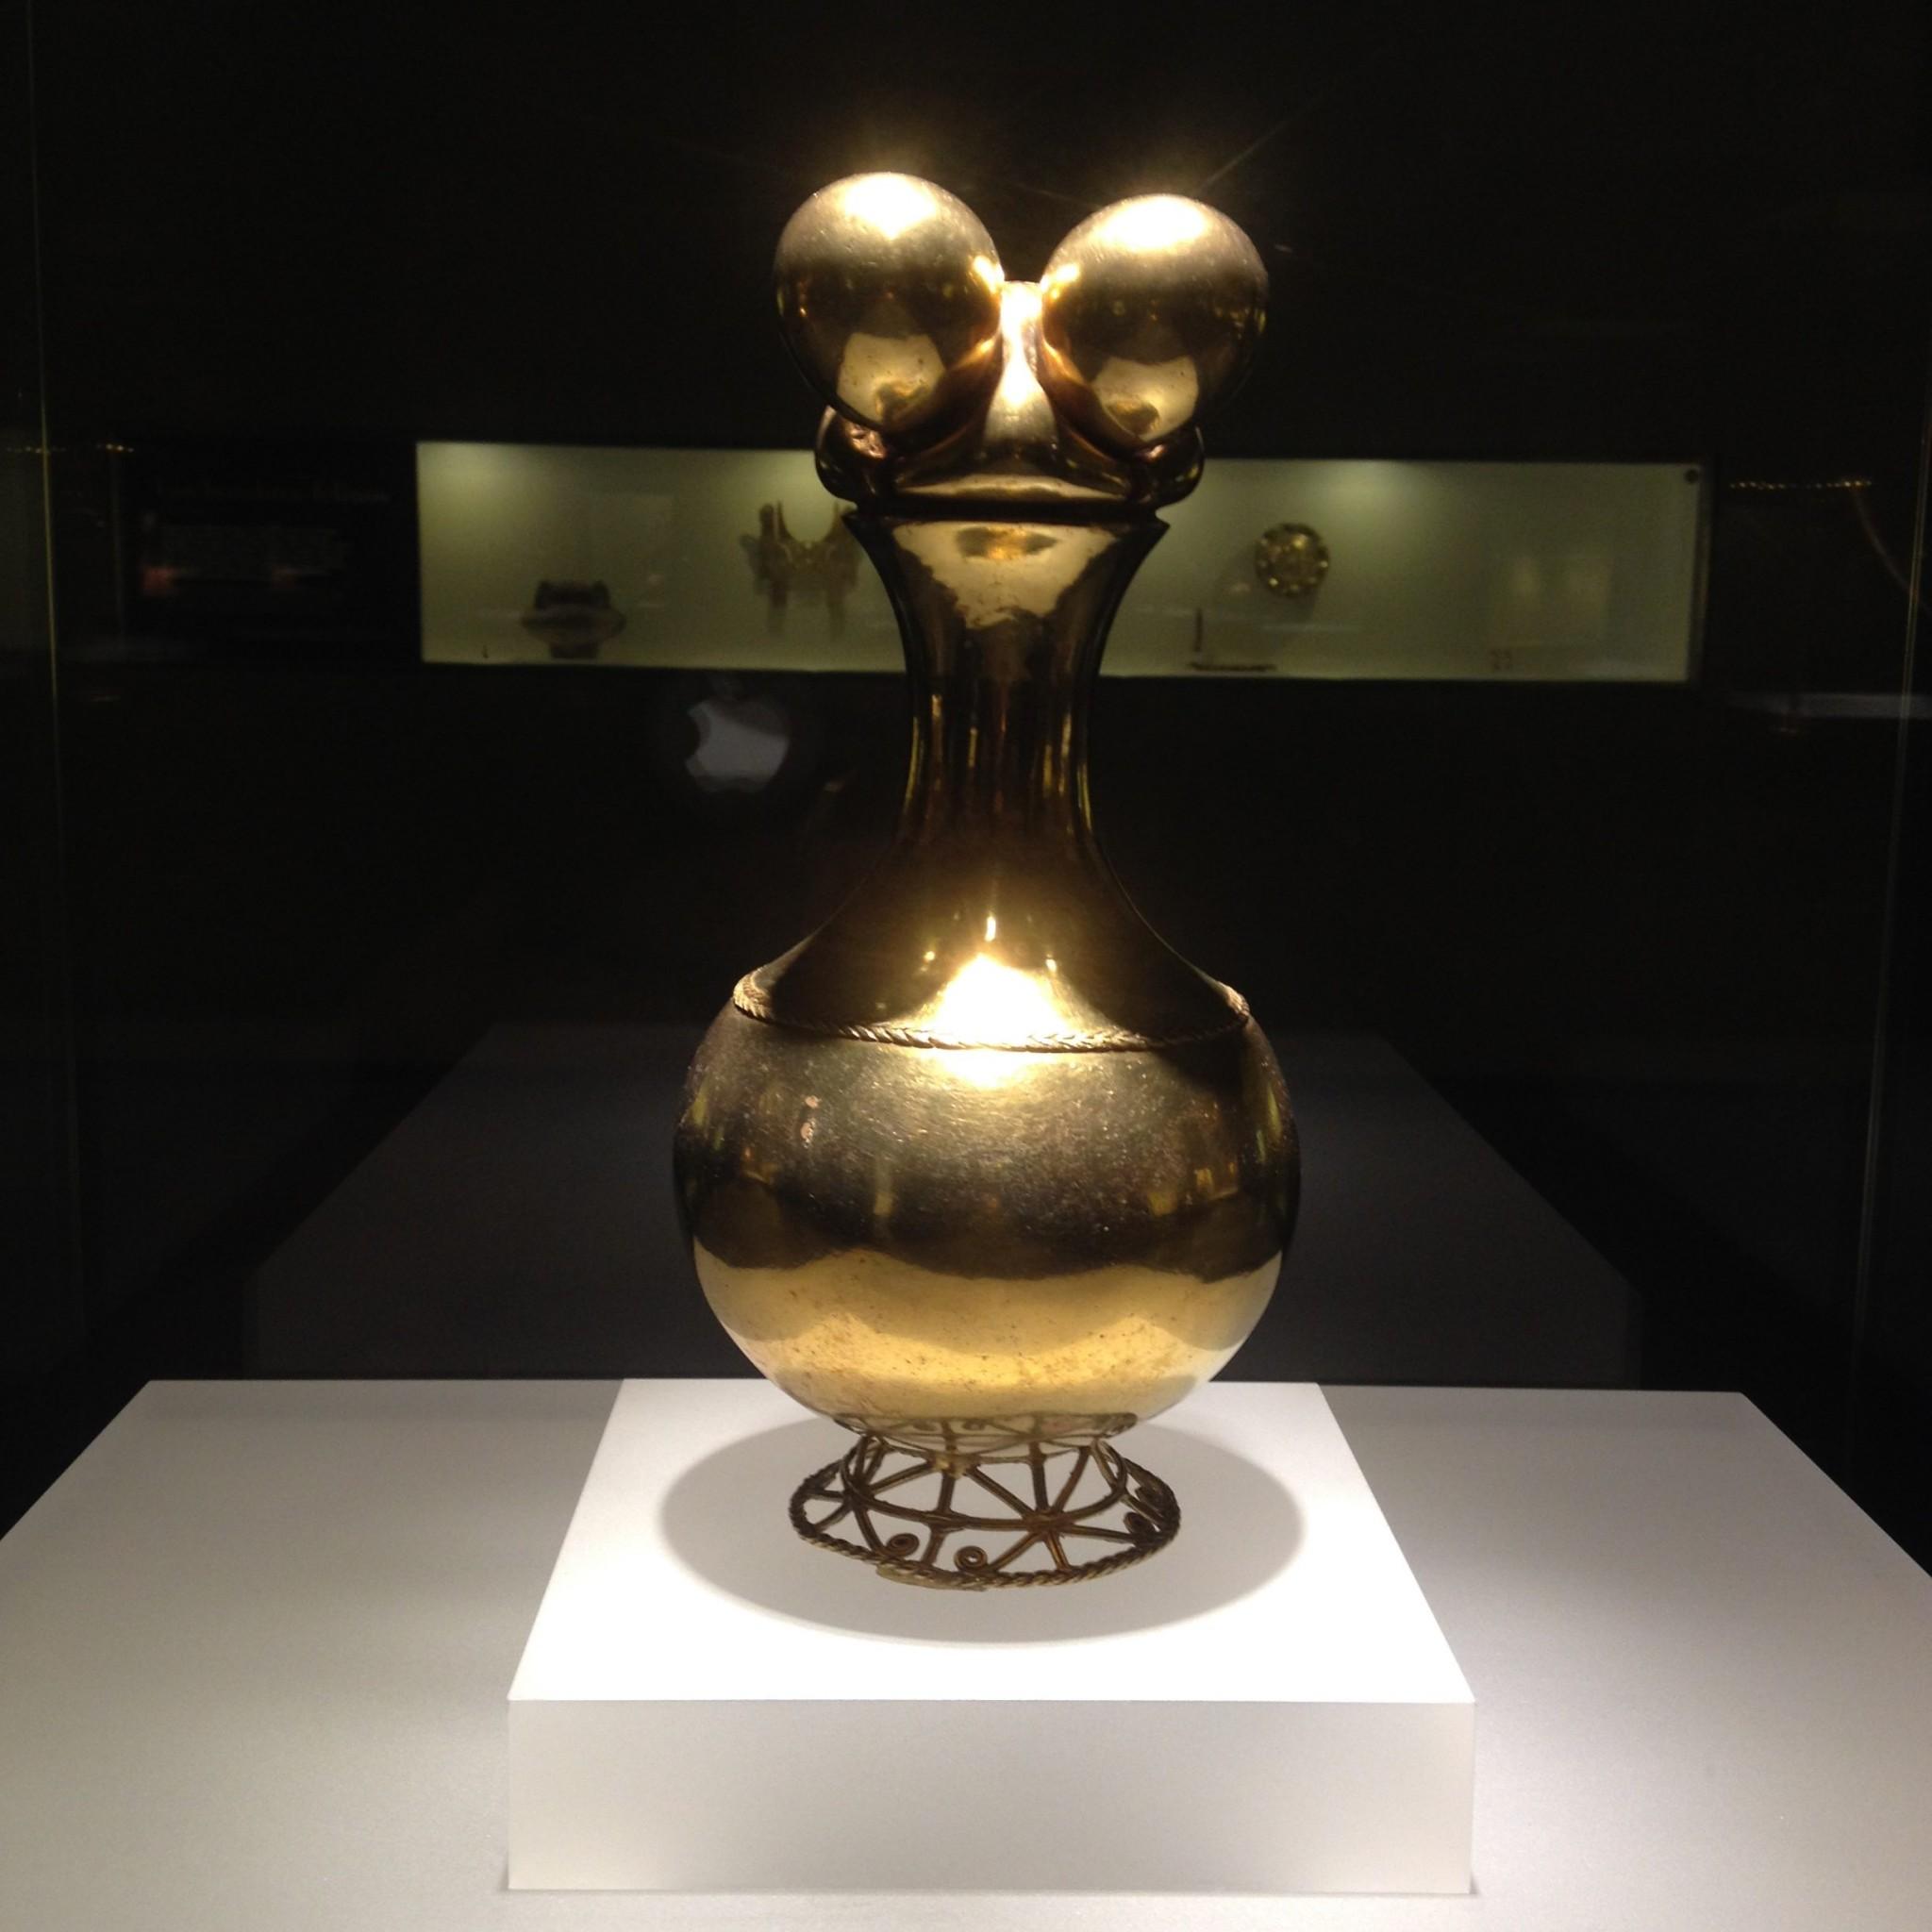 Skulptur aus dem Museo del Oro